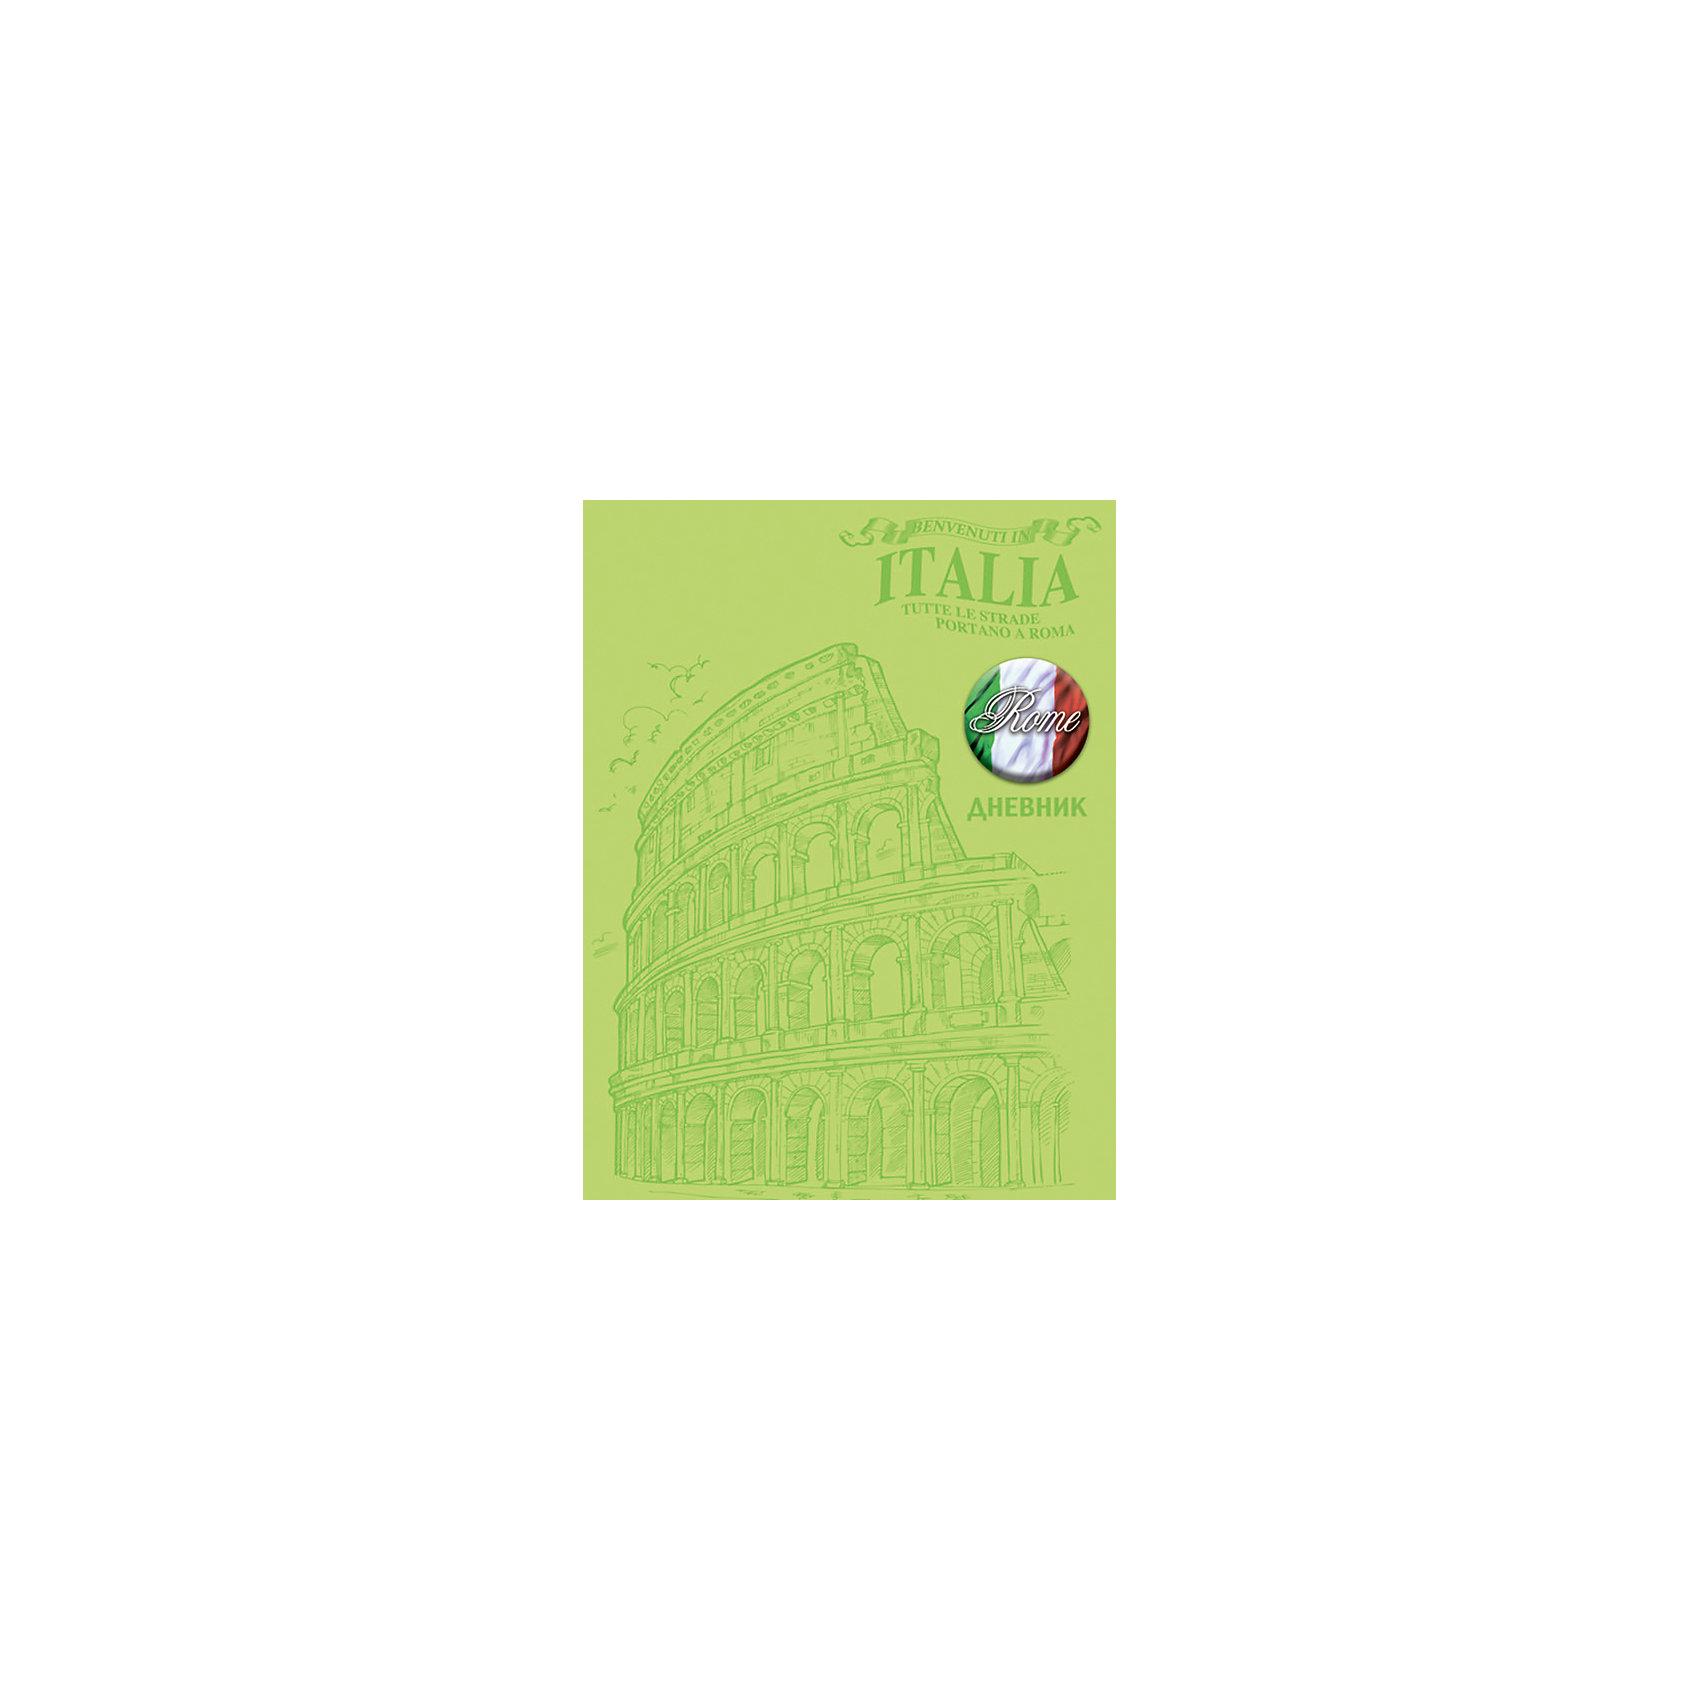 Дневник Обложка Колизей.Бумажная продукция<br>Характеристики товара:<br><br>• возраст: от 6 лет;<br>• цвет: зеленый;<br>• формат: А5;<br>• количество листов: 48;<br>• разметка: в линейку;<br>• бумага: офсетная;<br>• переплет: интегральный;<br>• обложка: исскуственная кожа, картон;<br>• размер: 21,5х17х0,5 см.;<br>• вес: 240 гр.;<br>• страна бренда: Россия;<br>• страна изготовитель: Россия.<br><br>Дневник, универсальный блок, обложка «Колизей» - школьный дневник 1-11 классы, имеет сшитый внутренний блок, состоящий из 48 листов белой бумаги (плотность 70г/кв.м.) с линовкой синего цветаи тиснением из фольги. Снабжен резинкой, что поможет быстро открыть нужную страницу. Прочная и приятная на ощупь обложка выполнена из высококачественной искусственной кожи с рисунком.<br><br>Первая страница дневника представляет собой анкету для личных данных владельца, также на ней указаны телефоны экстренной помощи. На следующих страницах находятся список преподавателей, список преподавателей,  расписание кружков, секций и факультативов, заметки классного руководителя и учителей. На последних страницах дневника имеются сведения о заданиях на каникулы, список литературы для чтения, сведения об успеваемости и поведении ребенка за учебный год, список одноклассников и справочный материал по различным предметам.<br><br>Дневник - это первый ежедневник вашего ребенка. Он поможет ему не забыть свои задания, а вы всегда сможете проконтролировать его успеваемость.<br><br>Дневник, универсальный блок, обложка «Колизей», 48 листов, можно купить в нашем интернет-магазине.<br><br>Ширина мм: 215<br>Глубина мм: 170<br>Высота мм: 5<br>Вес г: 240<br>Возраст от месяцев: 36<br>Возраст до месяцев: 216<br>Пол: Унисекс<br>Возраст: Детский<br>SKU: 6992539